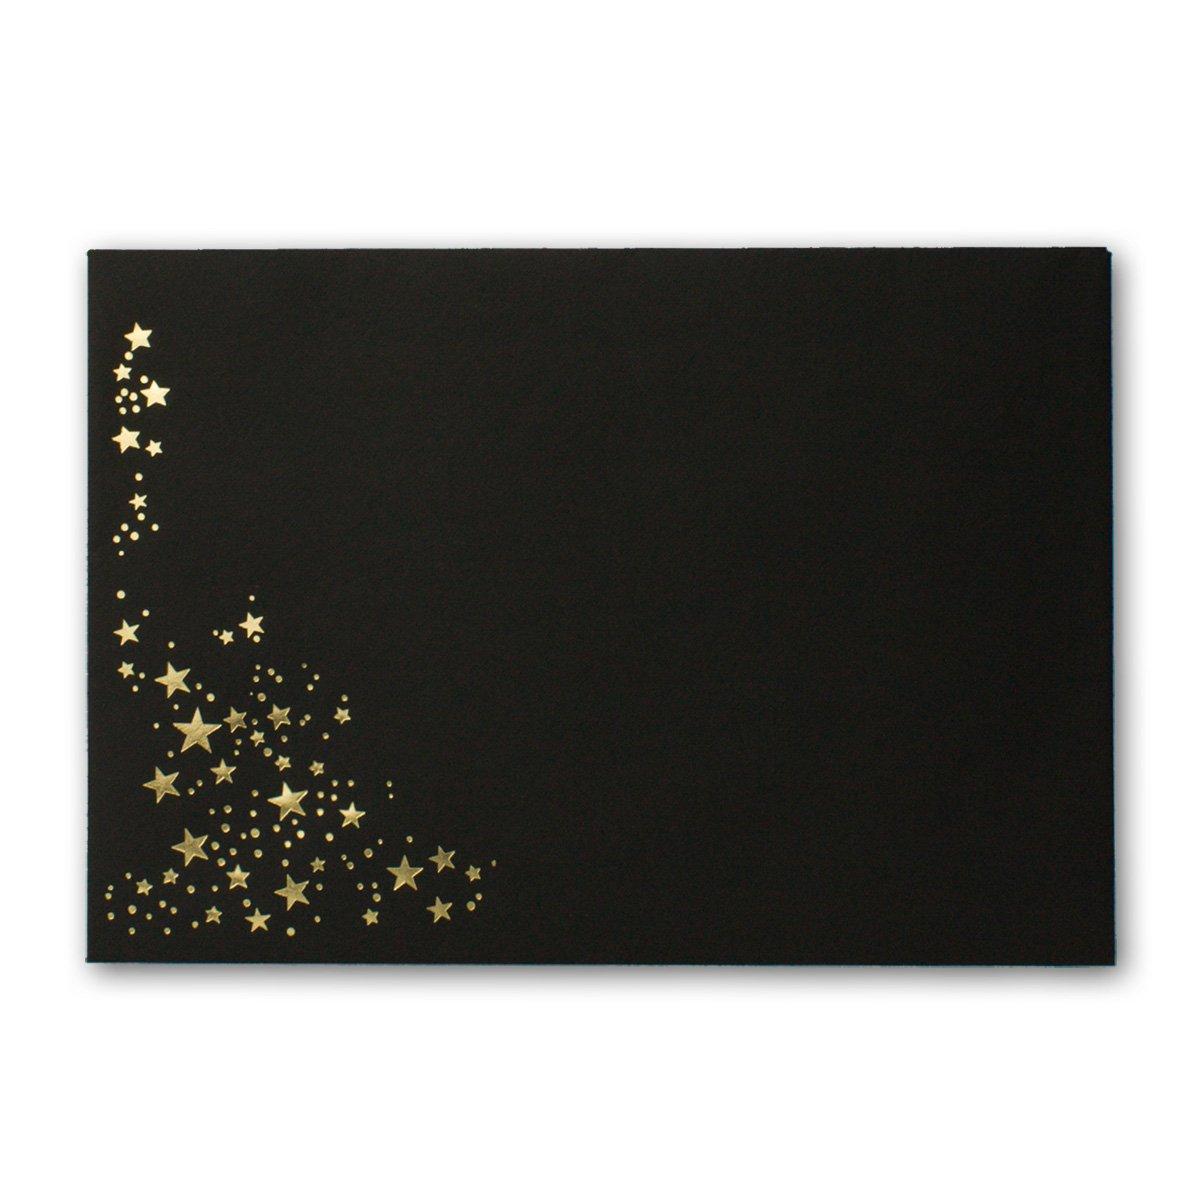 300x Weihnachts-Briefumschläge     DIN C6   mit Gold-Metallic geprägtem Sternenregen  Farbe  Sandbraun  Nassklebung, 120 g m²   114 x 162 mm   Marke  GUSTAV NEUSER® B07CP26JXM | Hervorragende Eigenschaften  | Komfort  | Hat einen langen 055af7